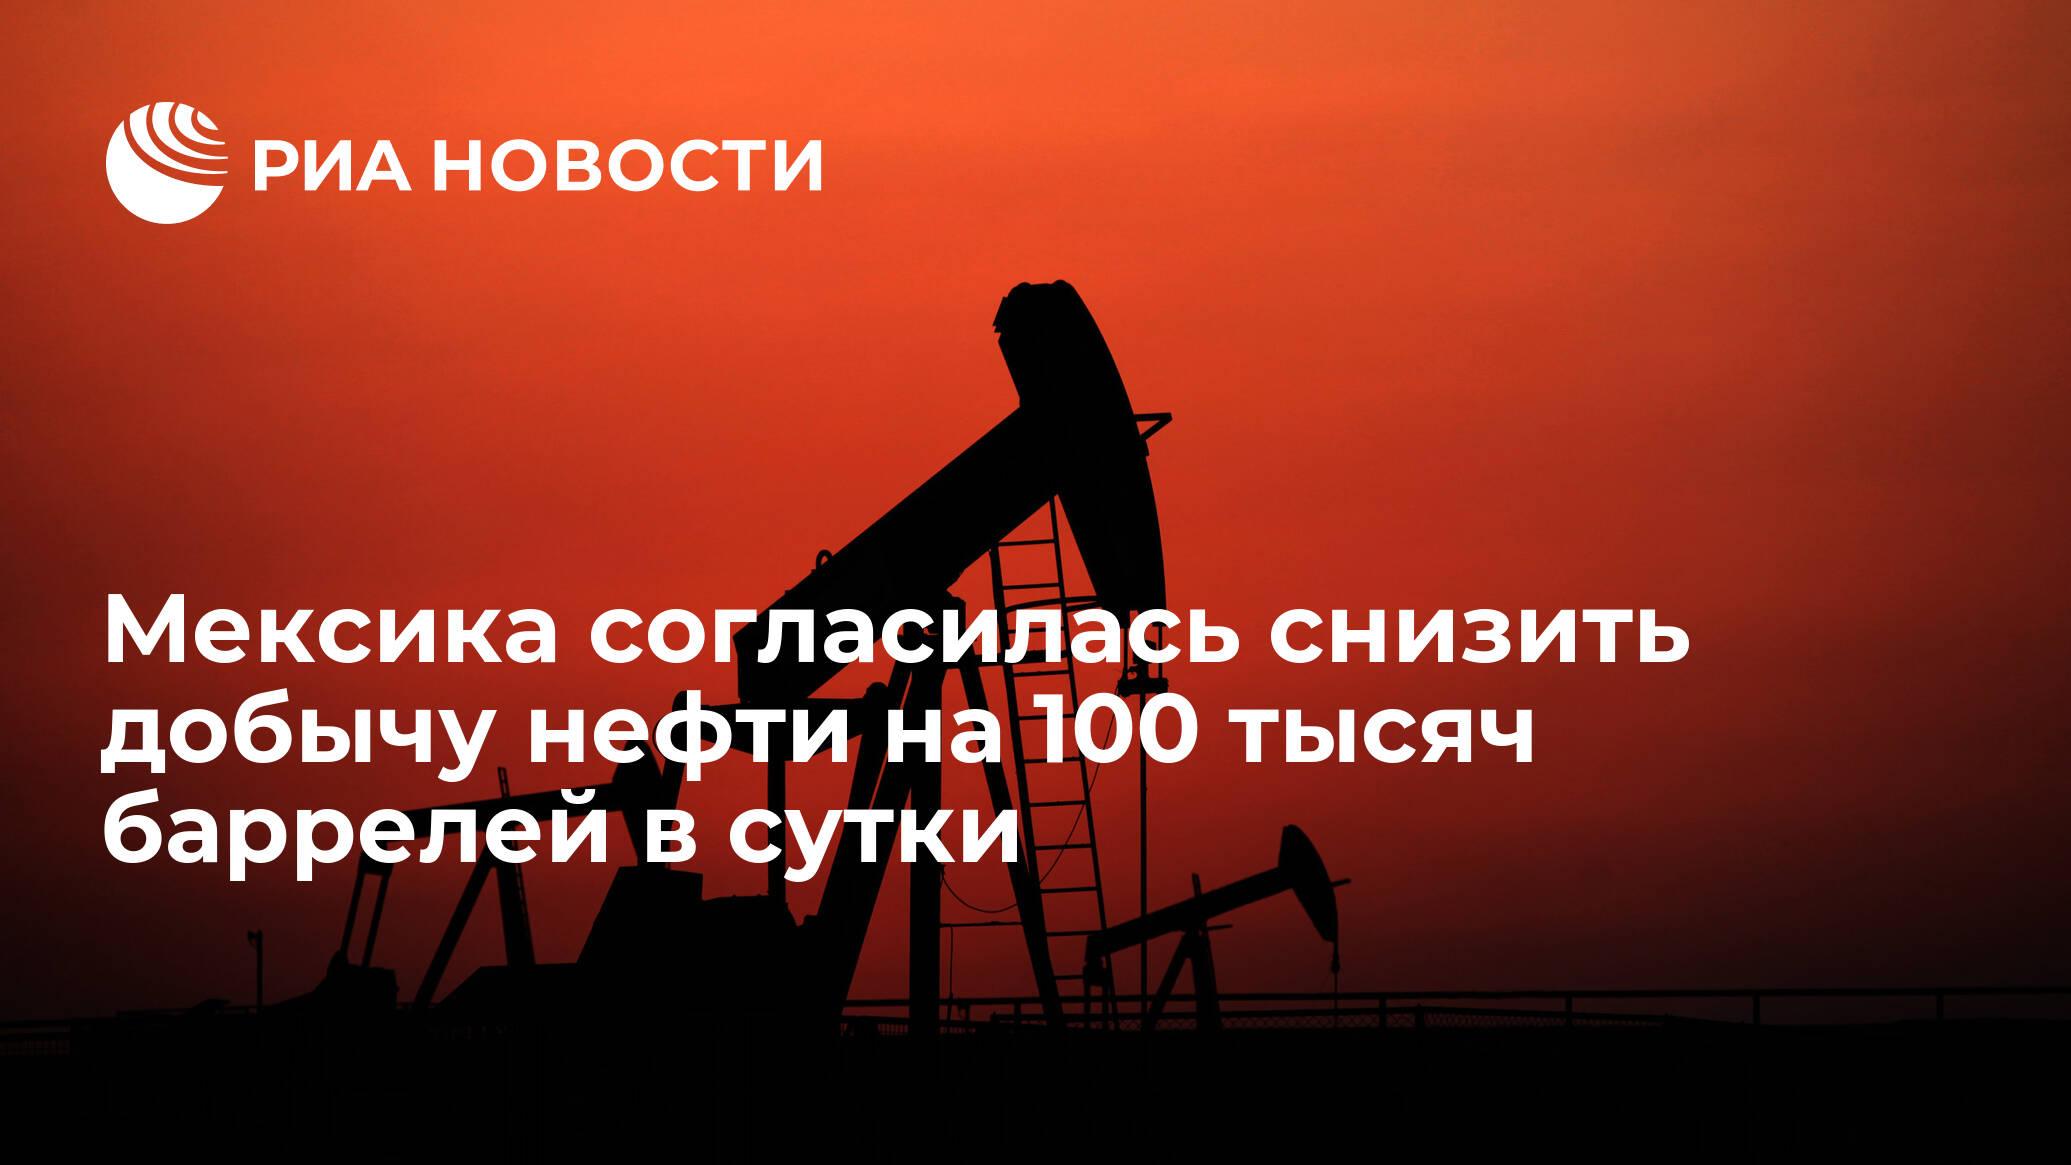 Мексика согласилась снизить добычу нефти на 100 тысяч баррелей в сутки